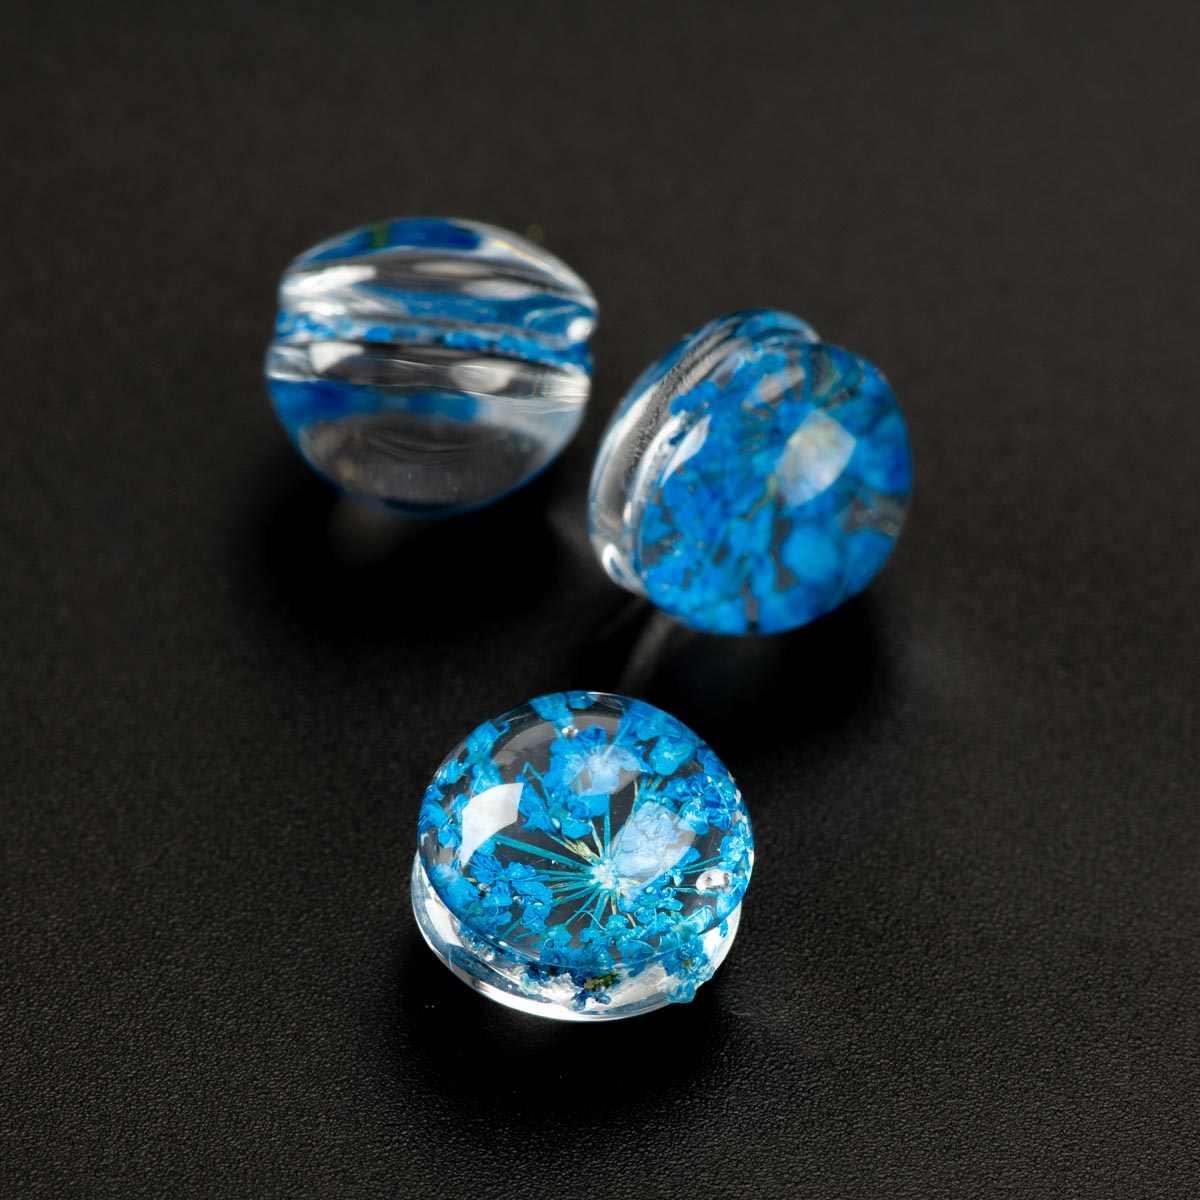 12 # לא-וו בעבודת יד פרח זכוכית חרוז מחרוזת לא טבעי אבן חרוזים DIY צמיד תכשיטים ביצוע חרוזים # IZ106